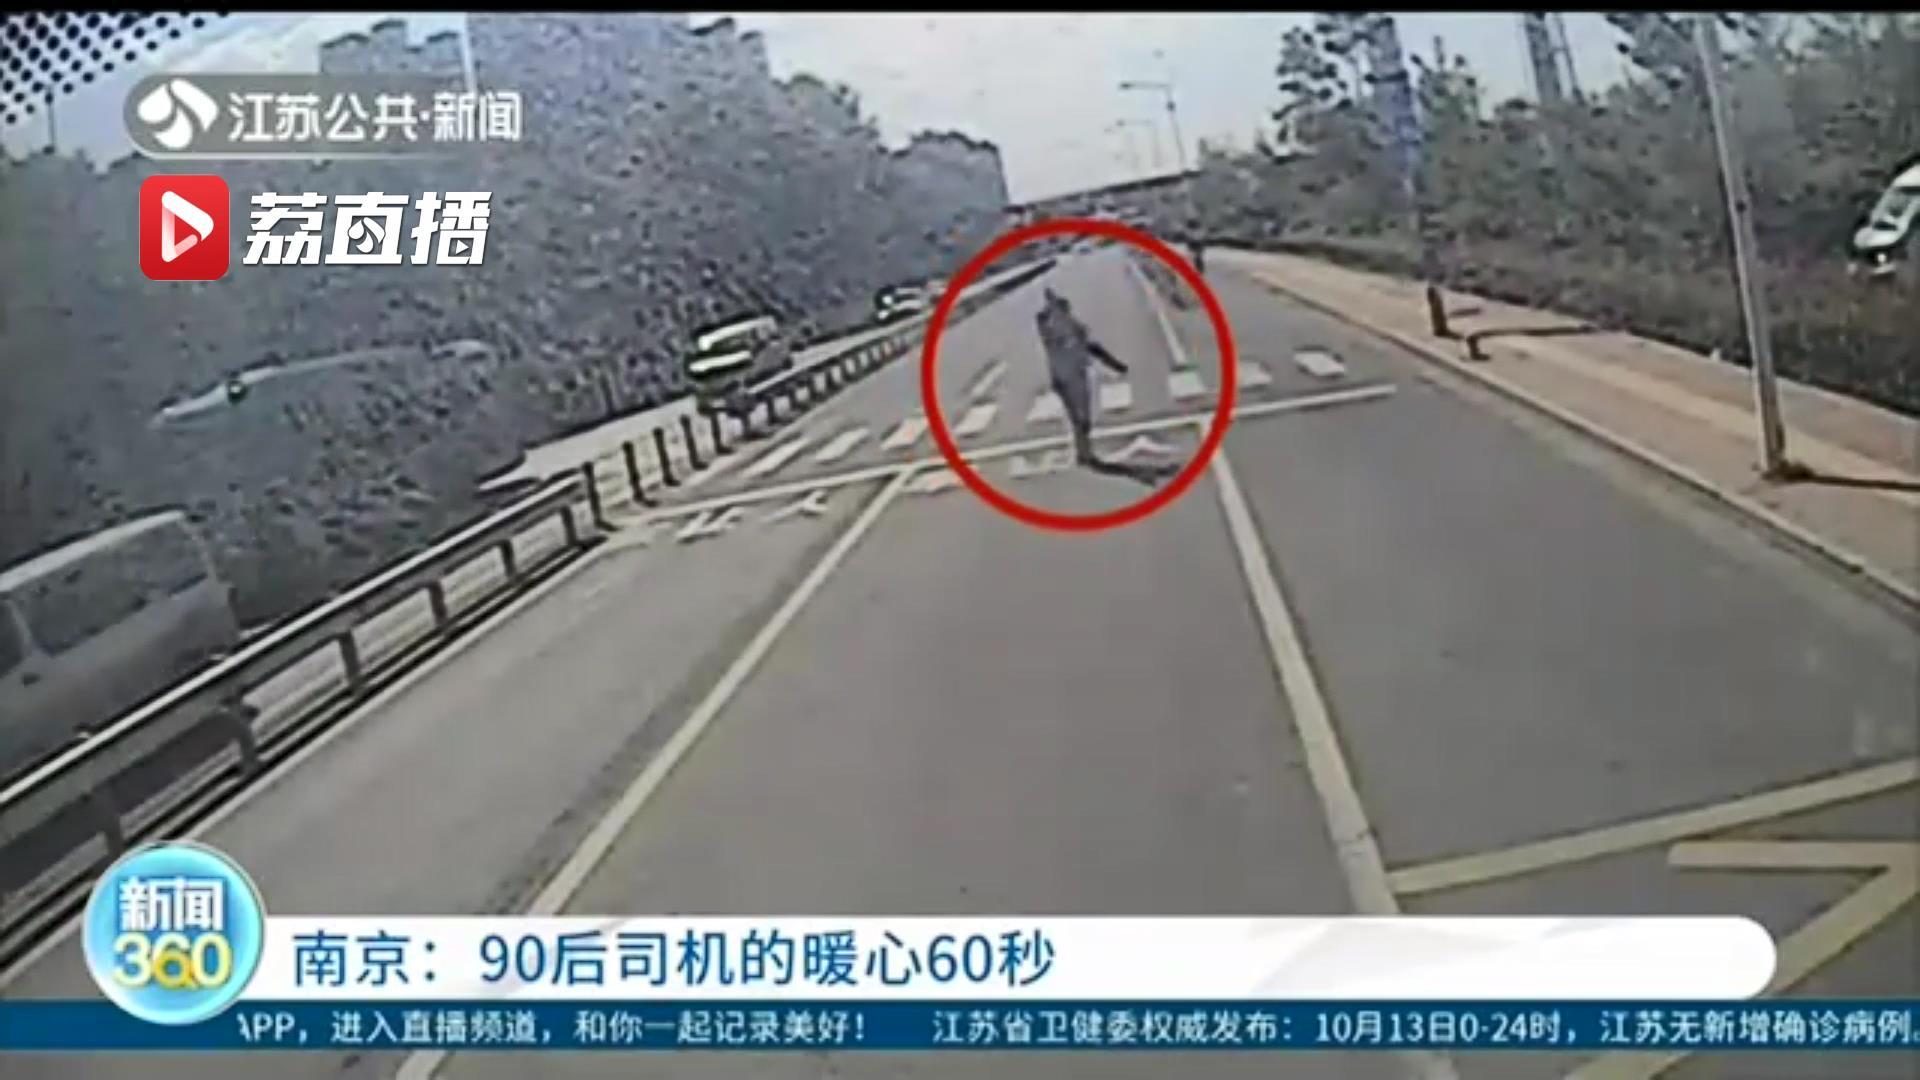 停靠了足足60秒只为等两位老人上车 南京这个90后司机举动暖心了